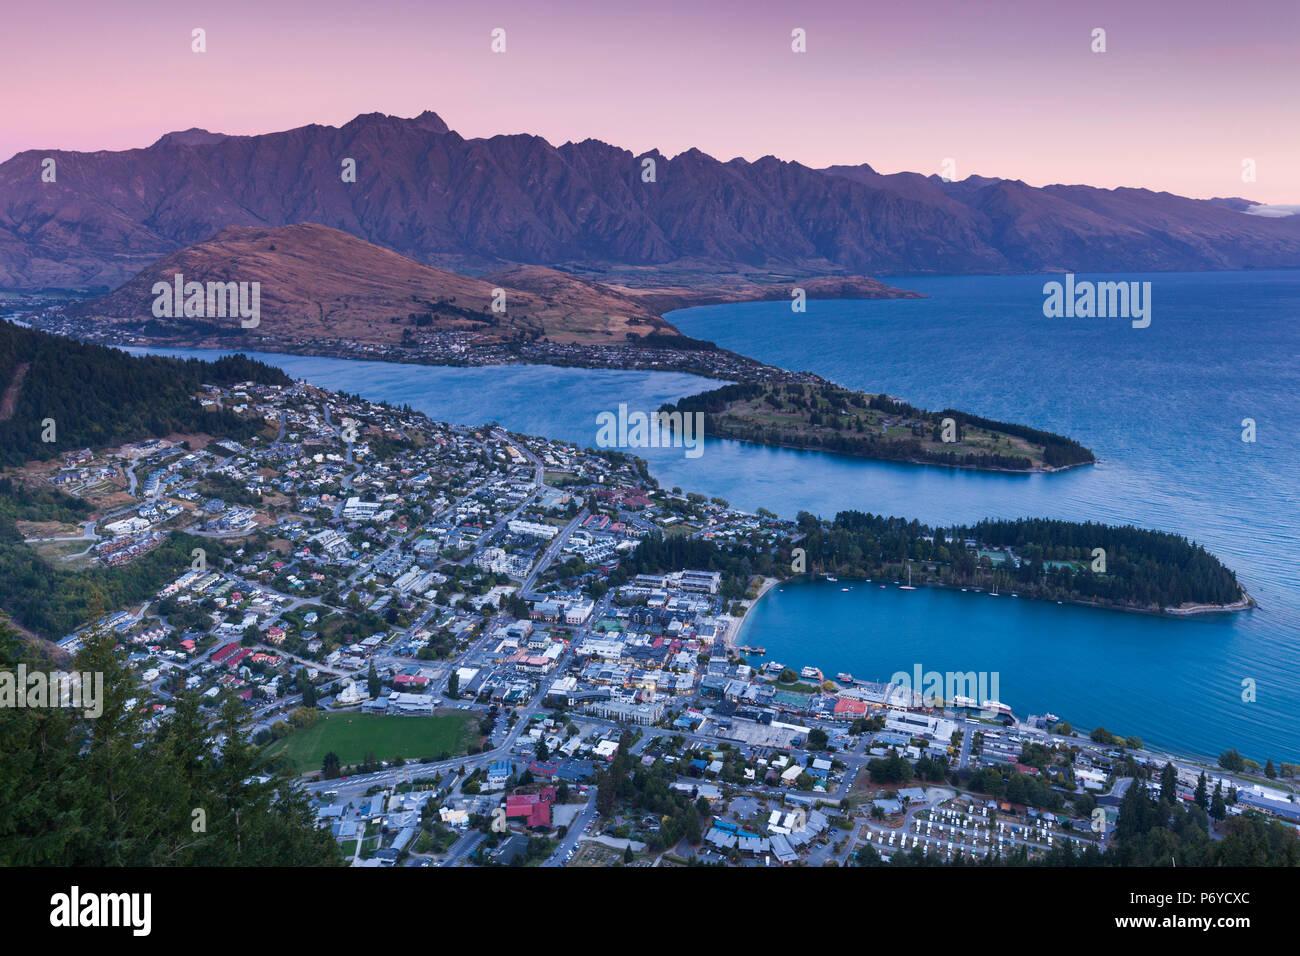 Nouvelle Zélande, île du Sud, de l'Otago, Queenstown, augmentation de la ville avec les Remarkables à partir de la Télécabine Skyline deck, crépuscule Banque D'Images